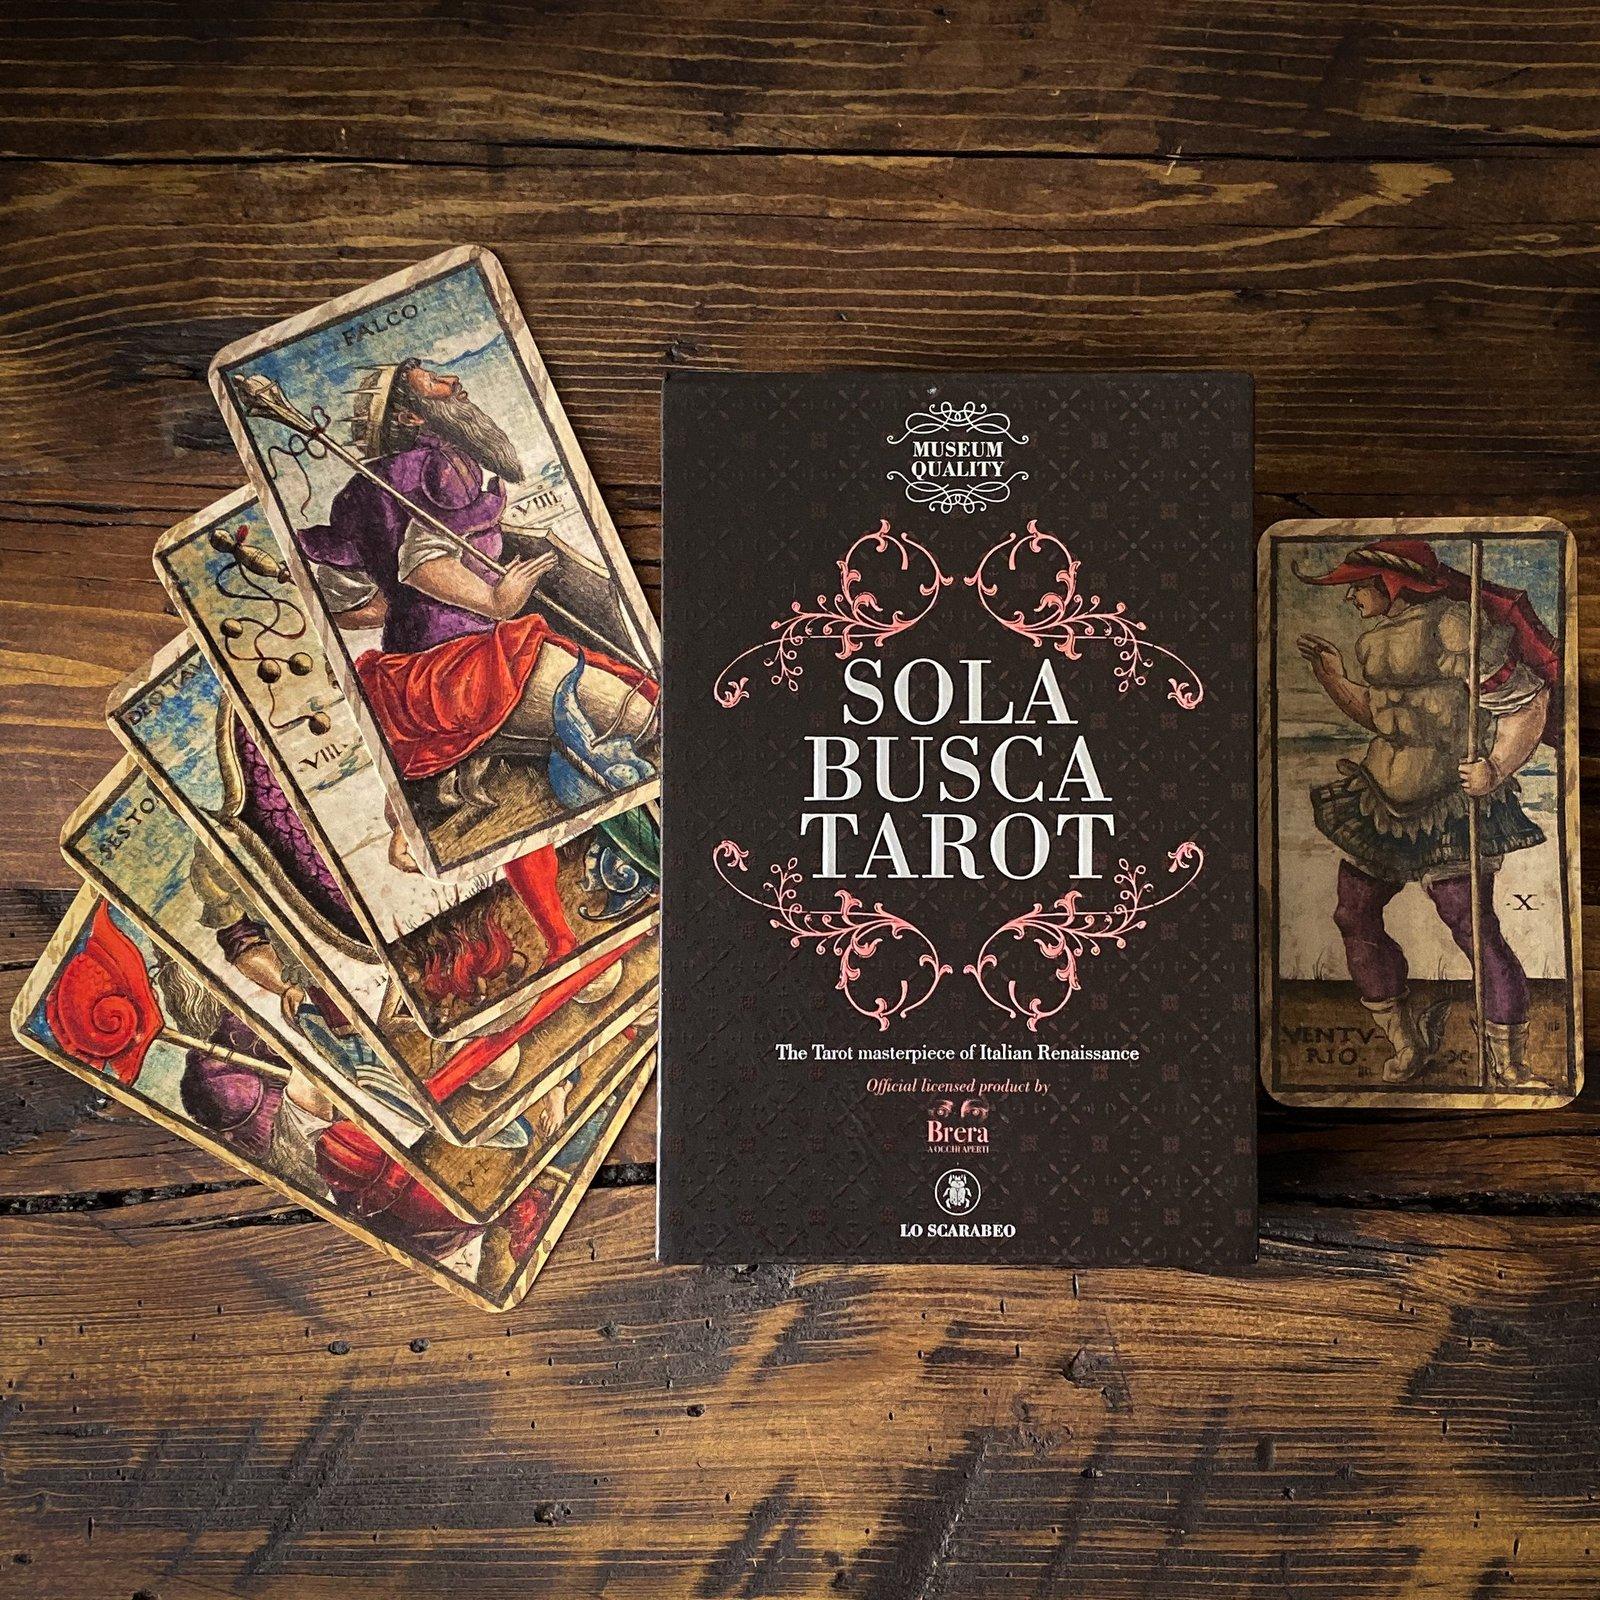 Sola Busca Tarot Review